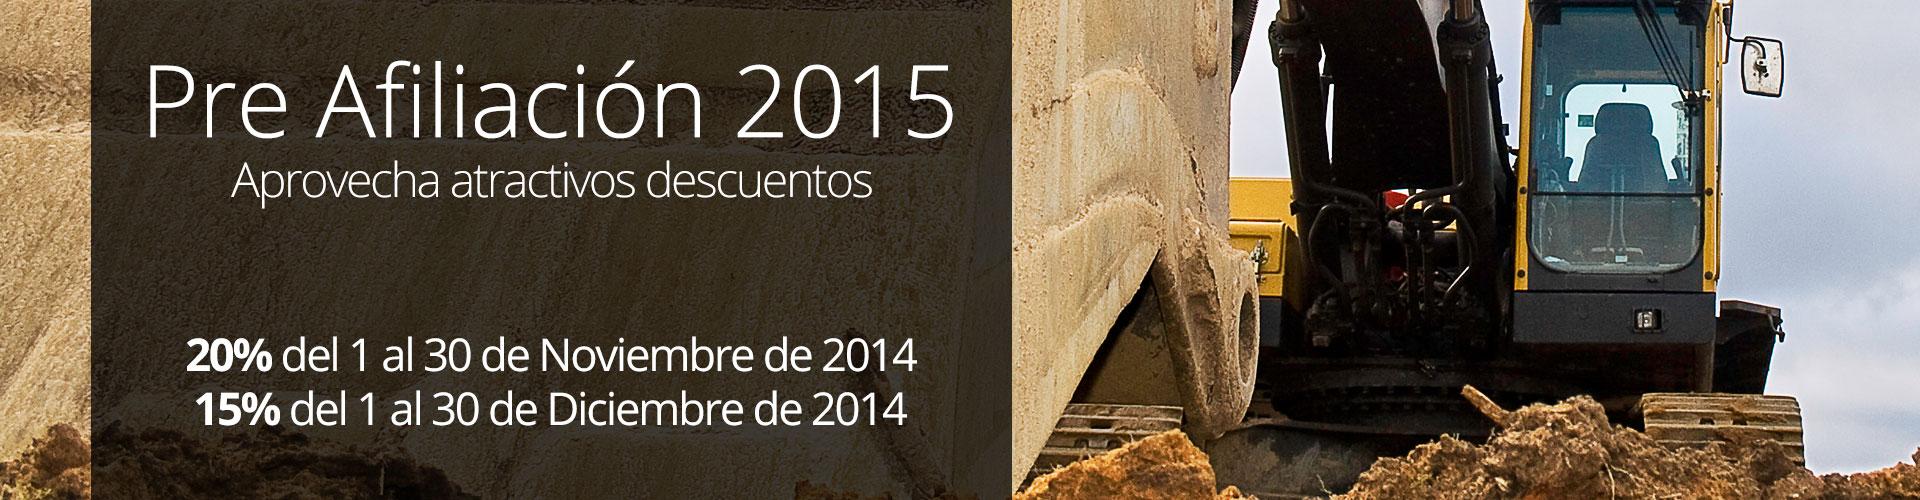 Afiliación 2015